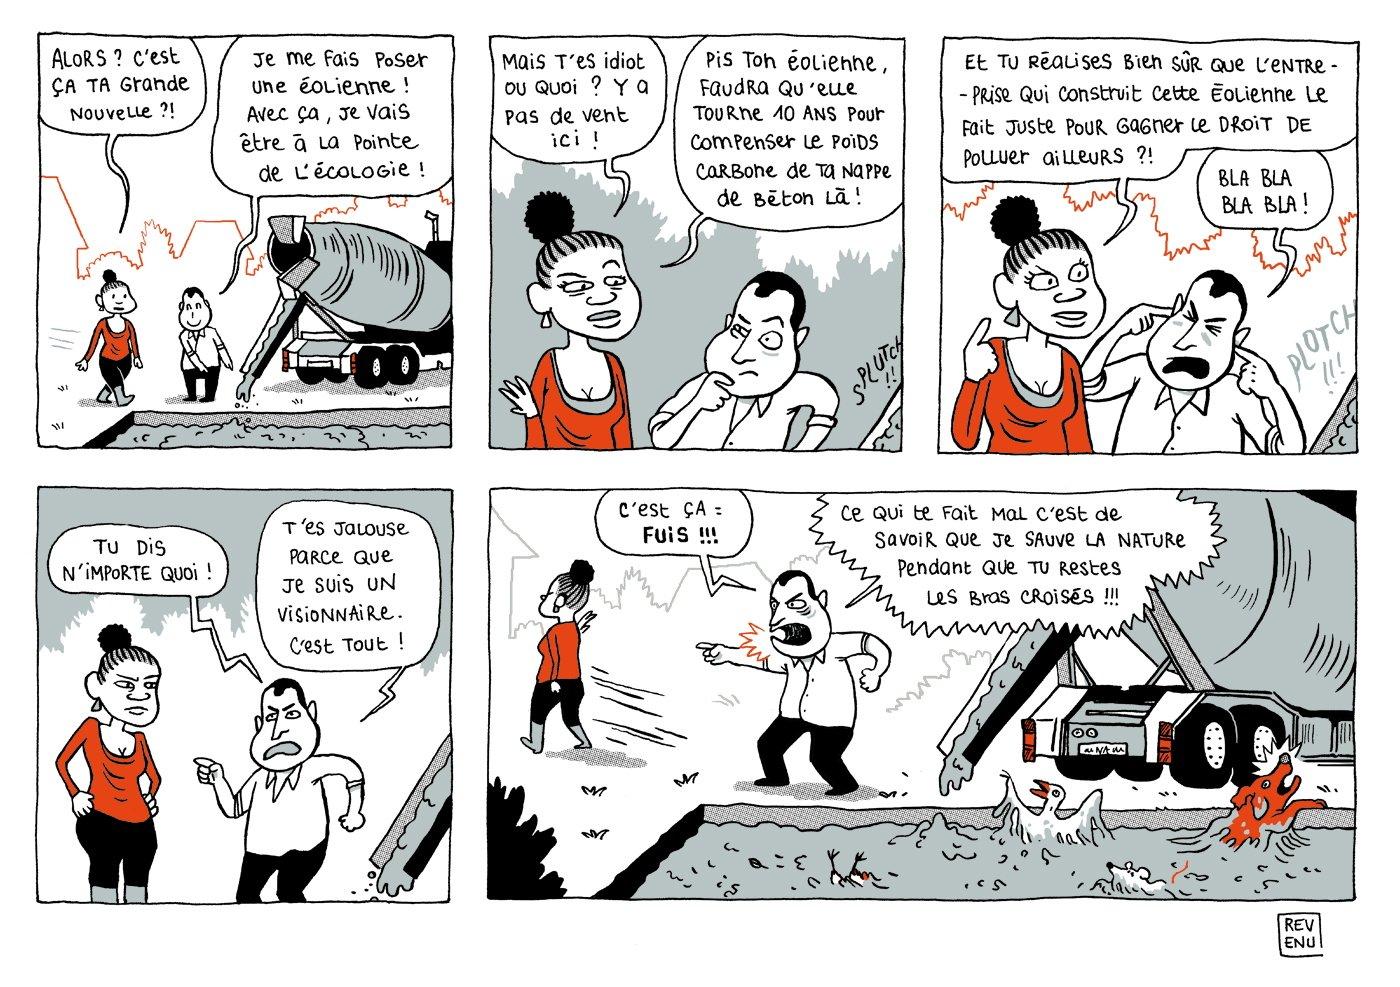 Bande dessinée pointant la contradiction des éoliennes qui sont aussi source de pollution